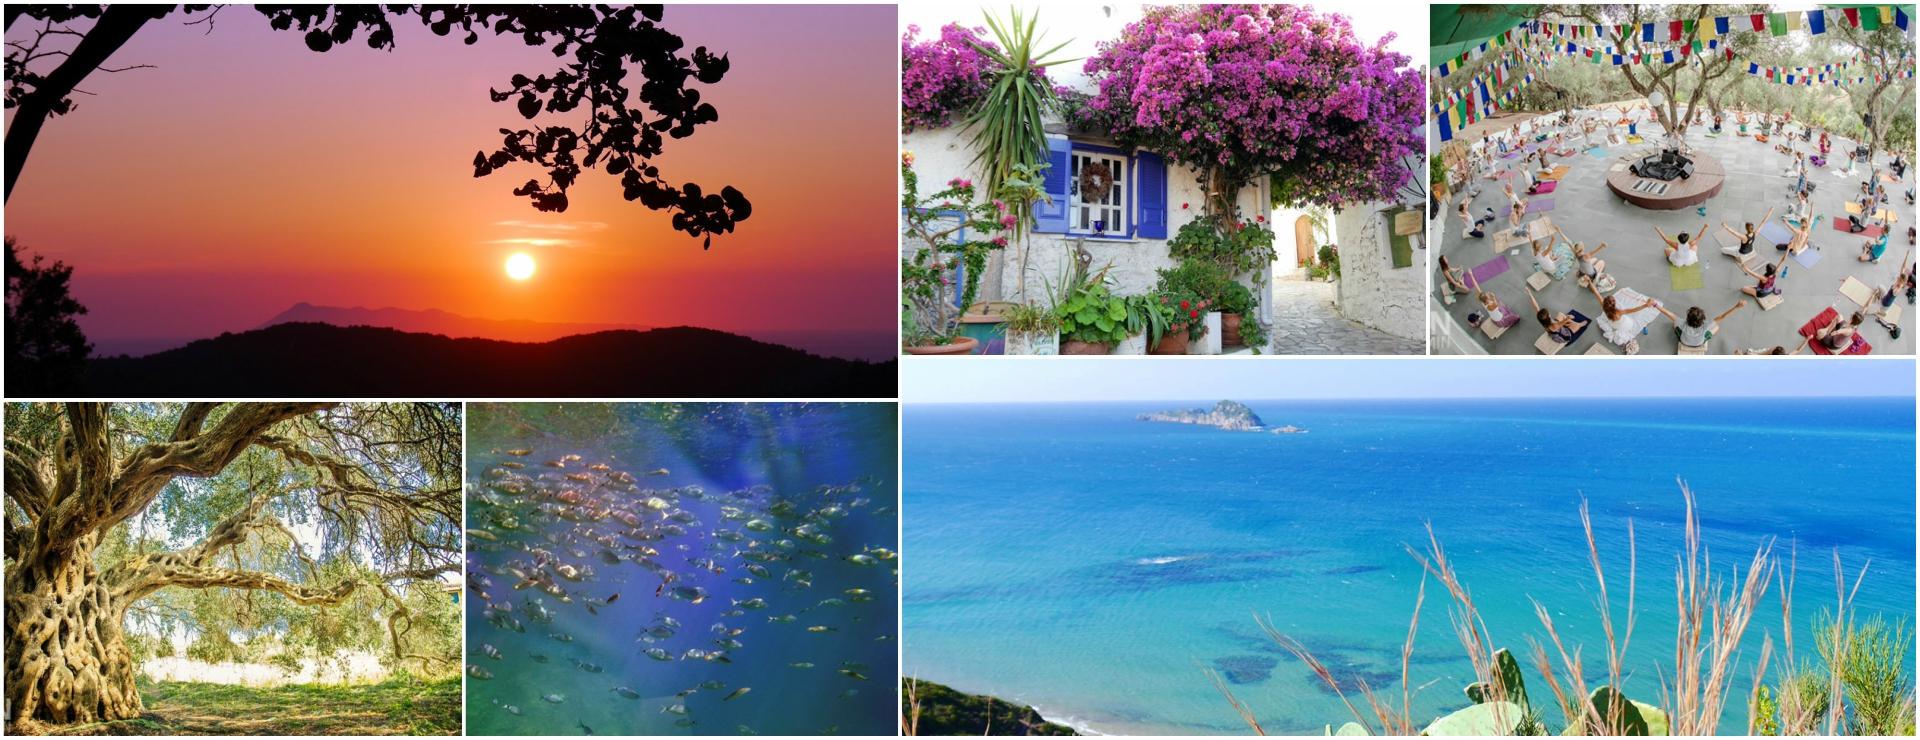 Biodanza & Urlaub auf Korfu 2018